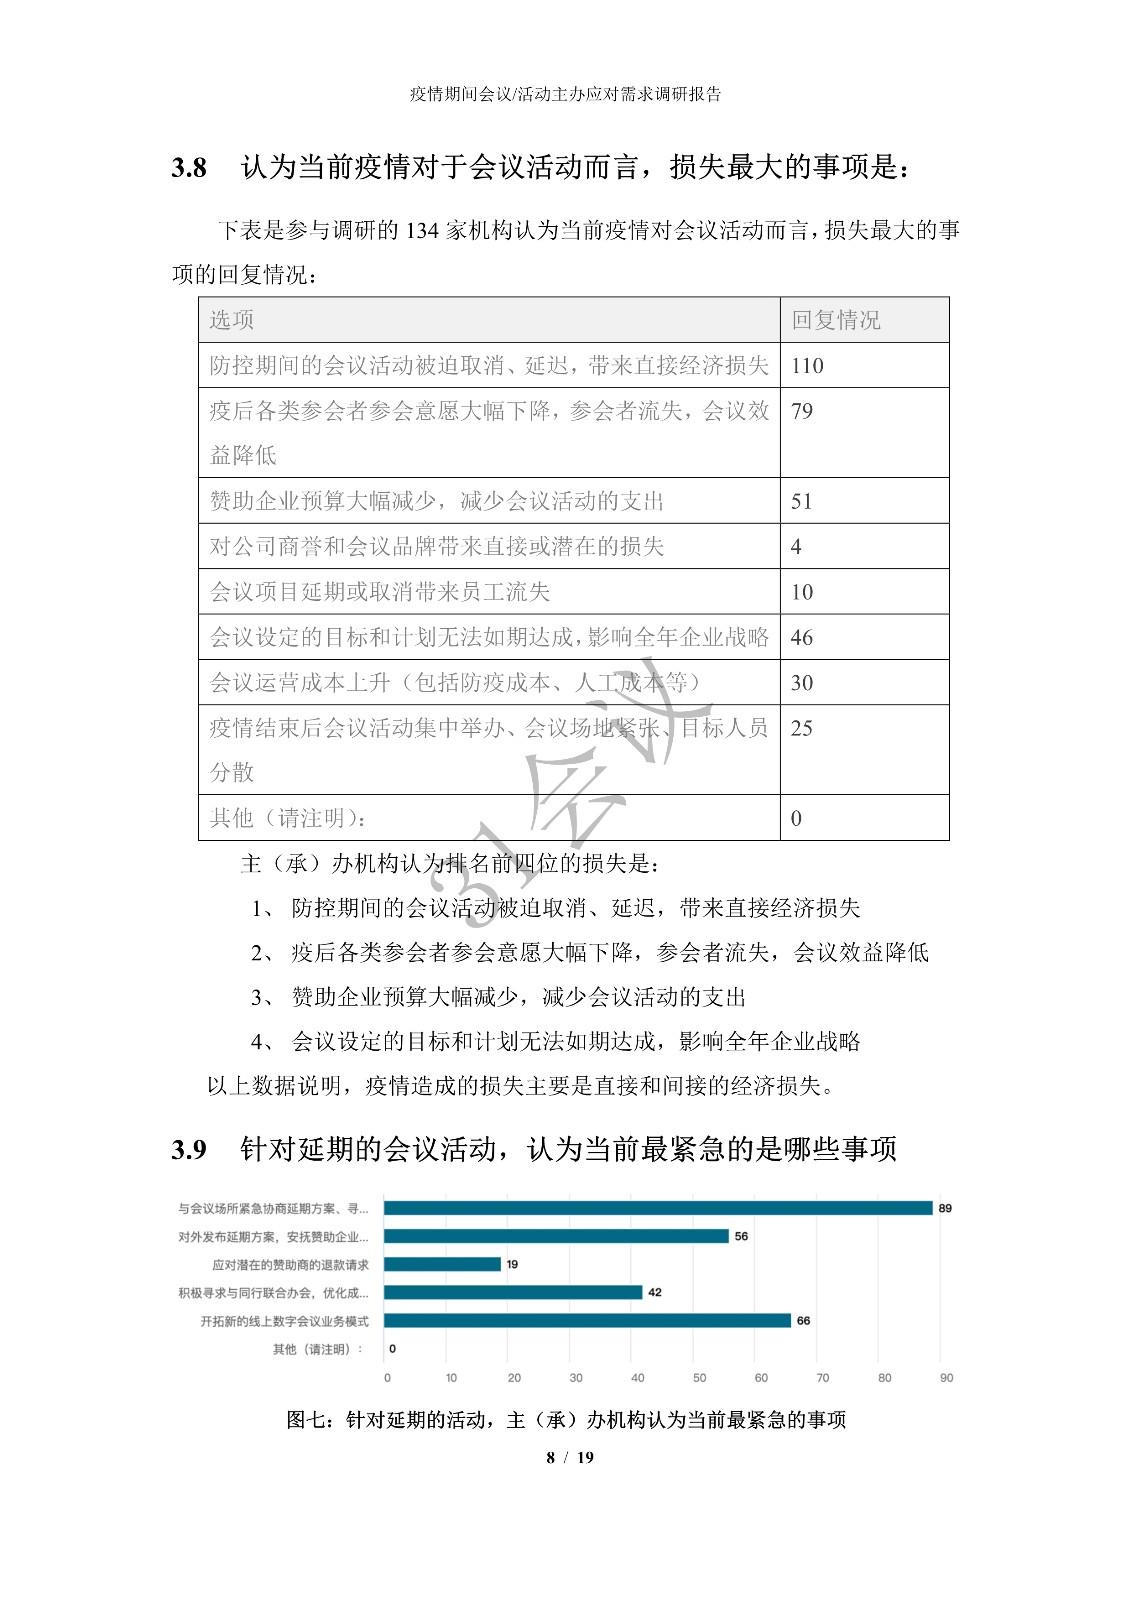 新型冠状病毒肺炎疫情期间 会议活动主办应对需求调研报告_7.jpg